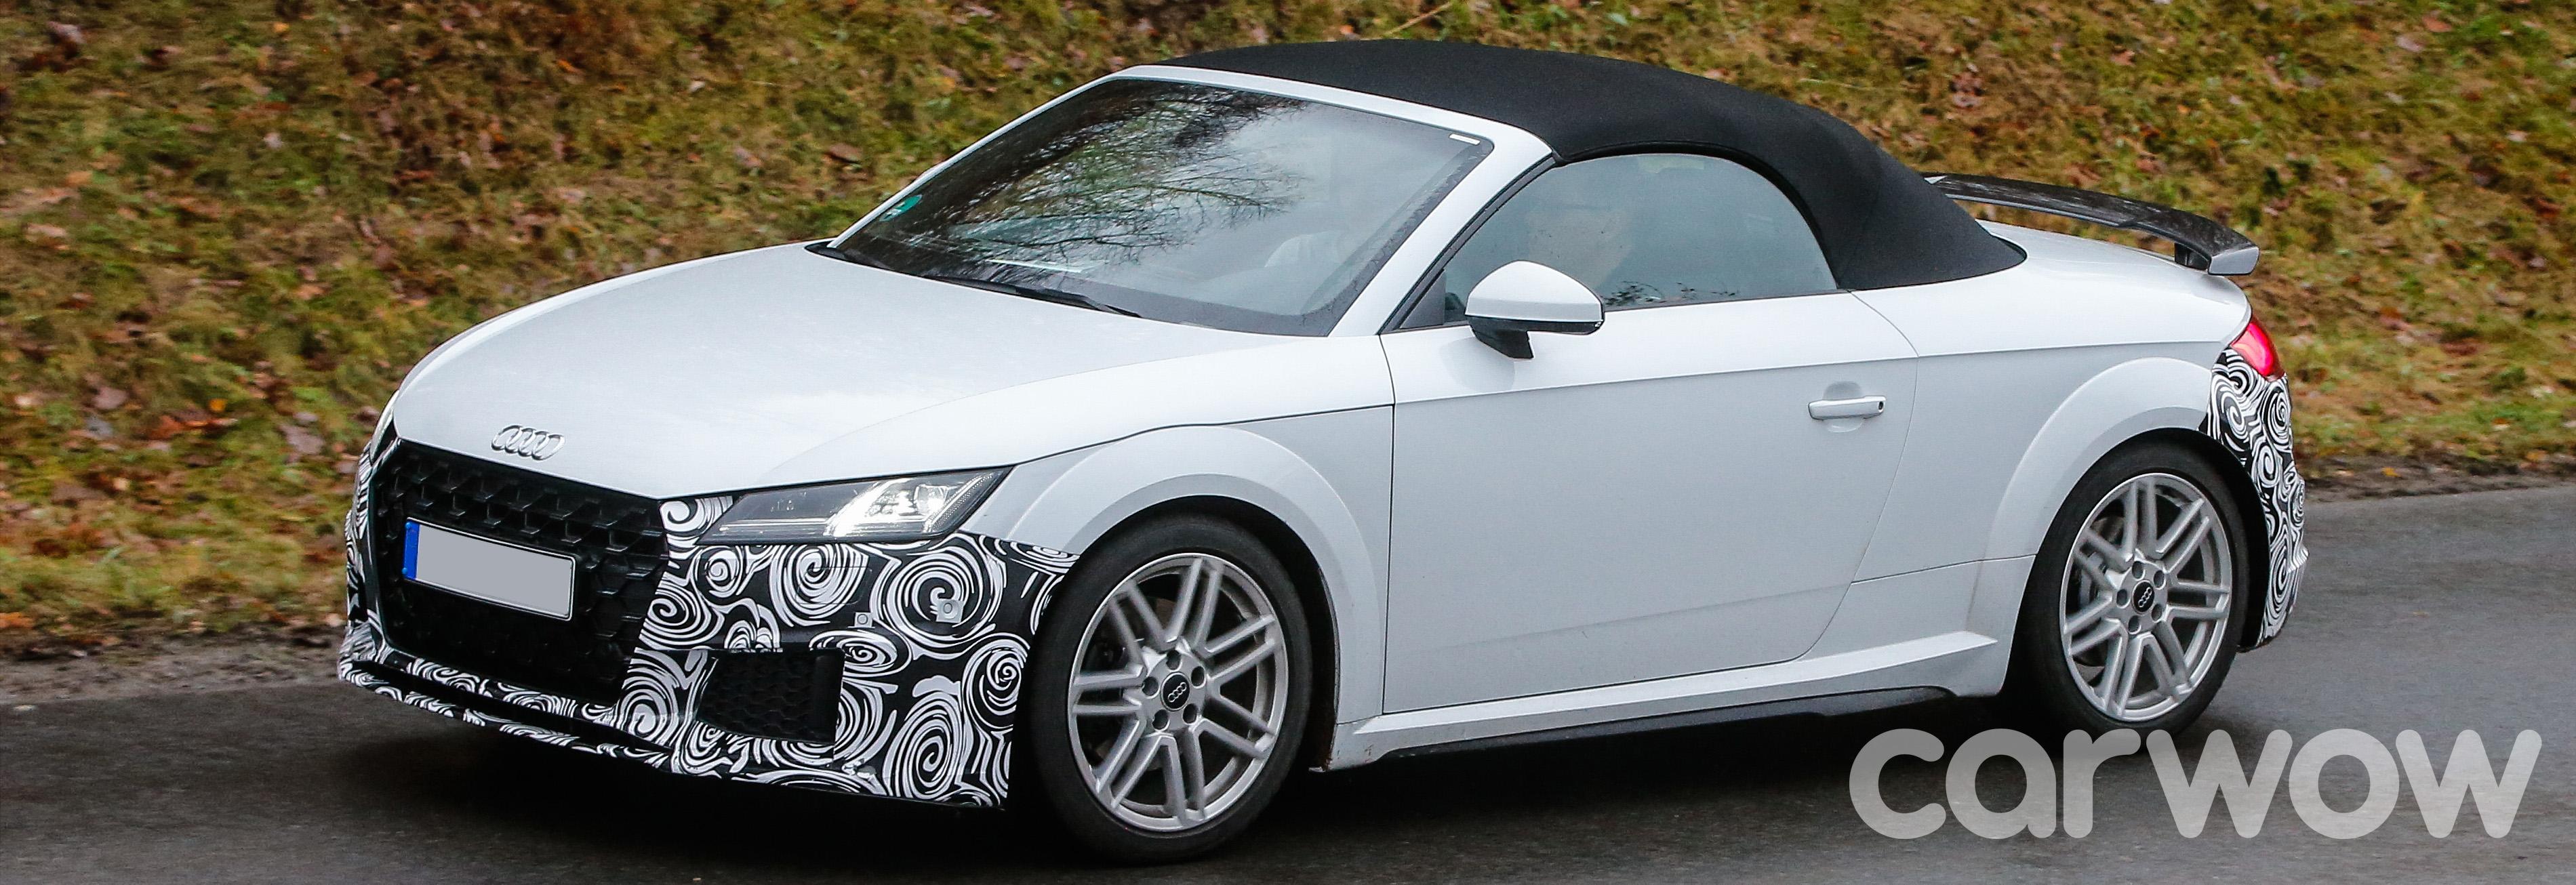 Audi-TT-Roadster-Facelift-105.jpg